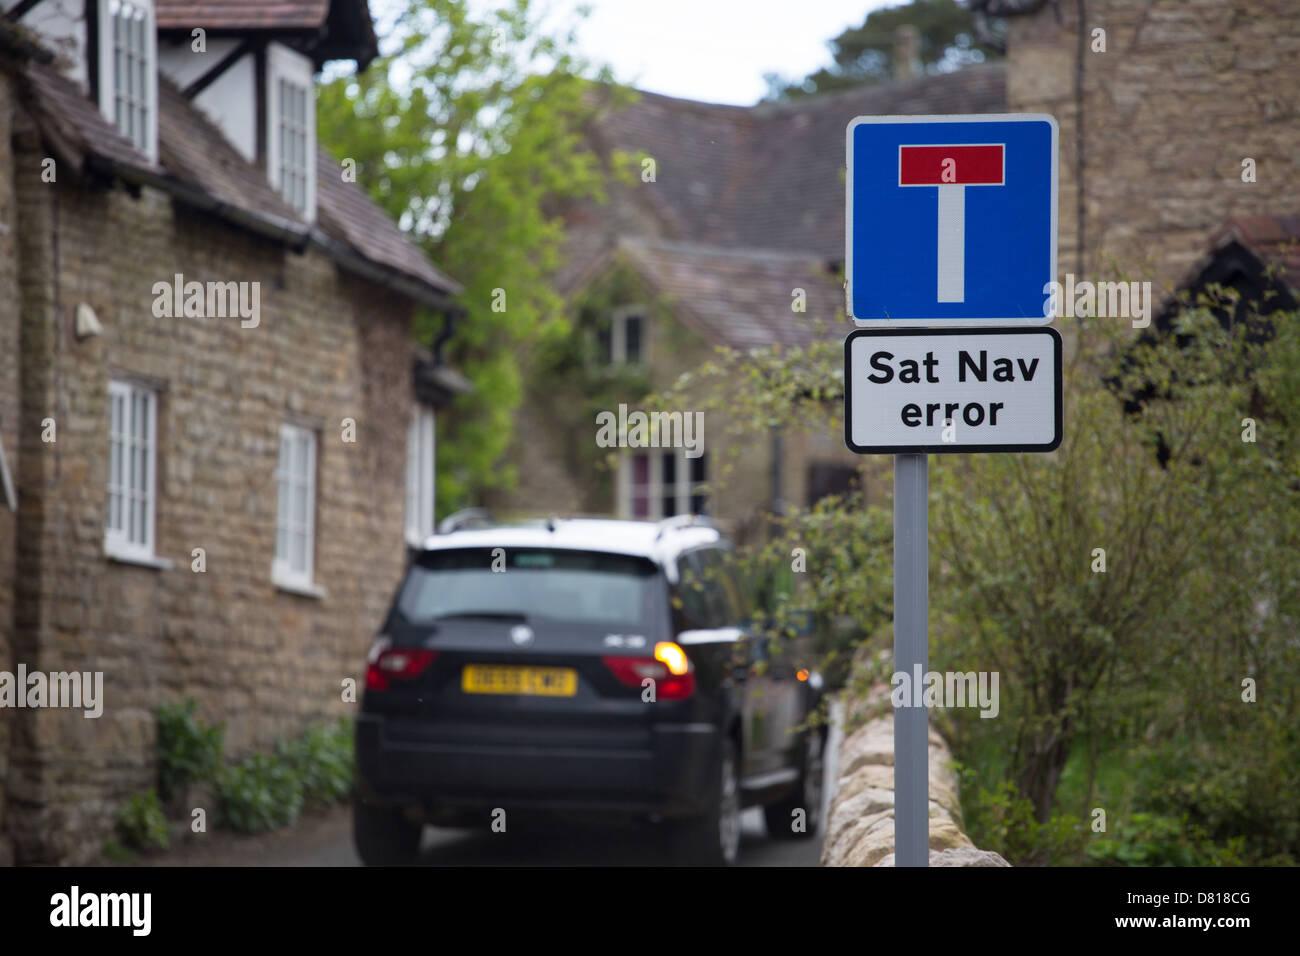 Sat Nav Fehler Zeichen in ländlichen Dorf zeigt Autofahrer an, dass ihr Navi einen Fehler gemacht haben dürfte Stockbild